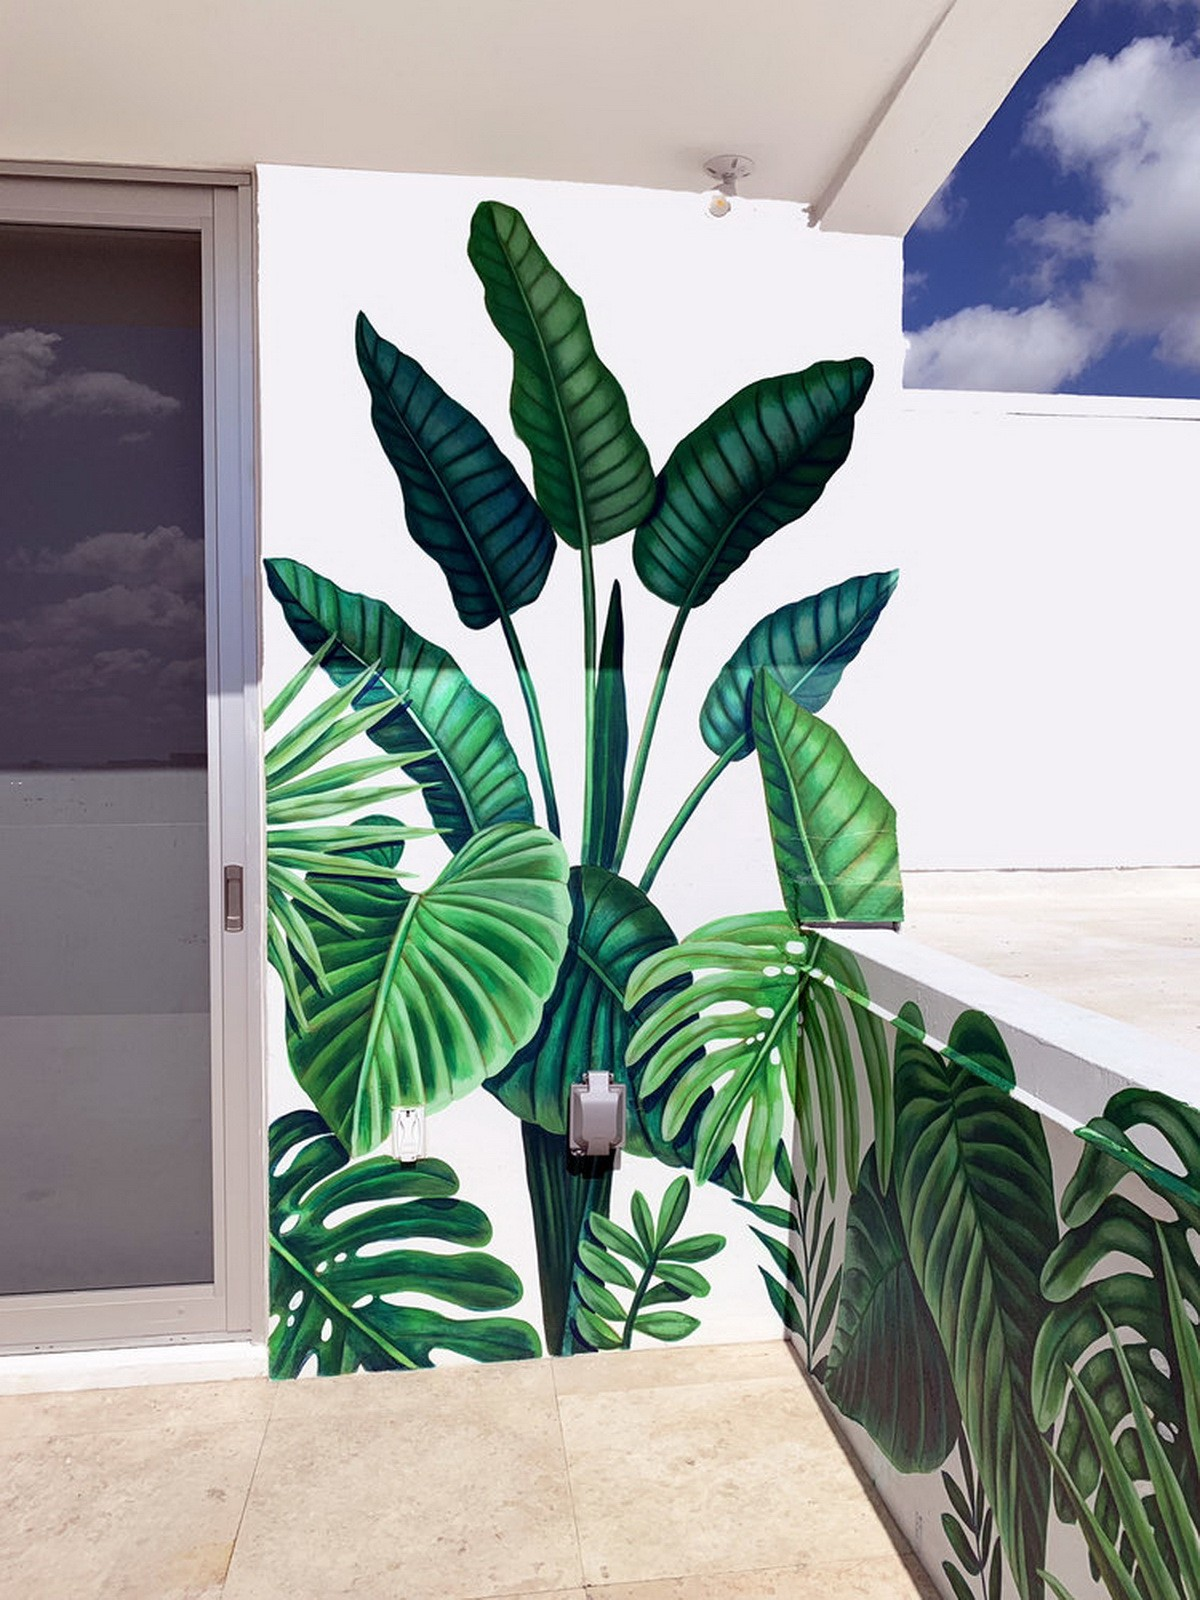 Διακοσμητικη Τοιχογραφια στο Μπαλκονι Ρετιρε Κατοικιας